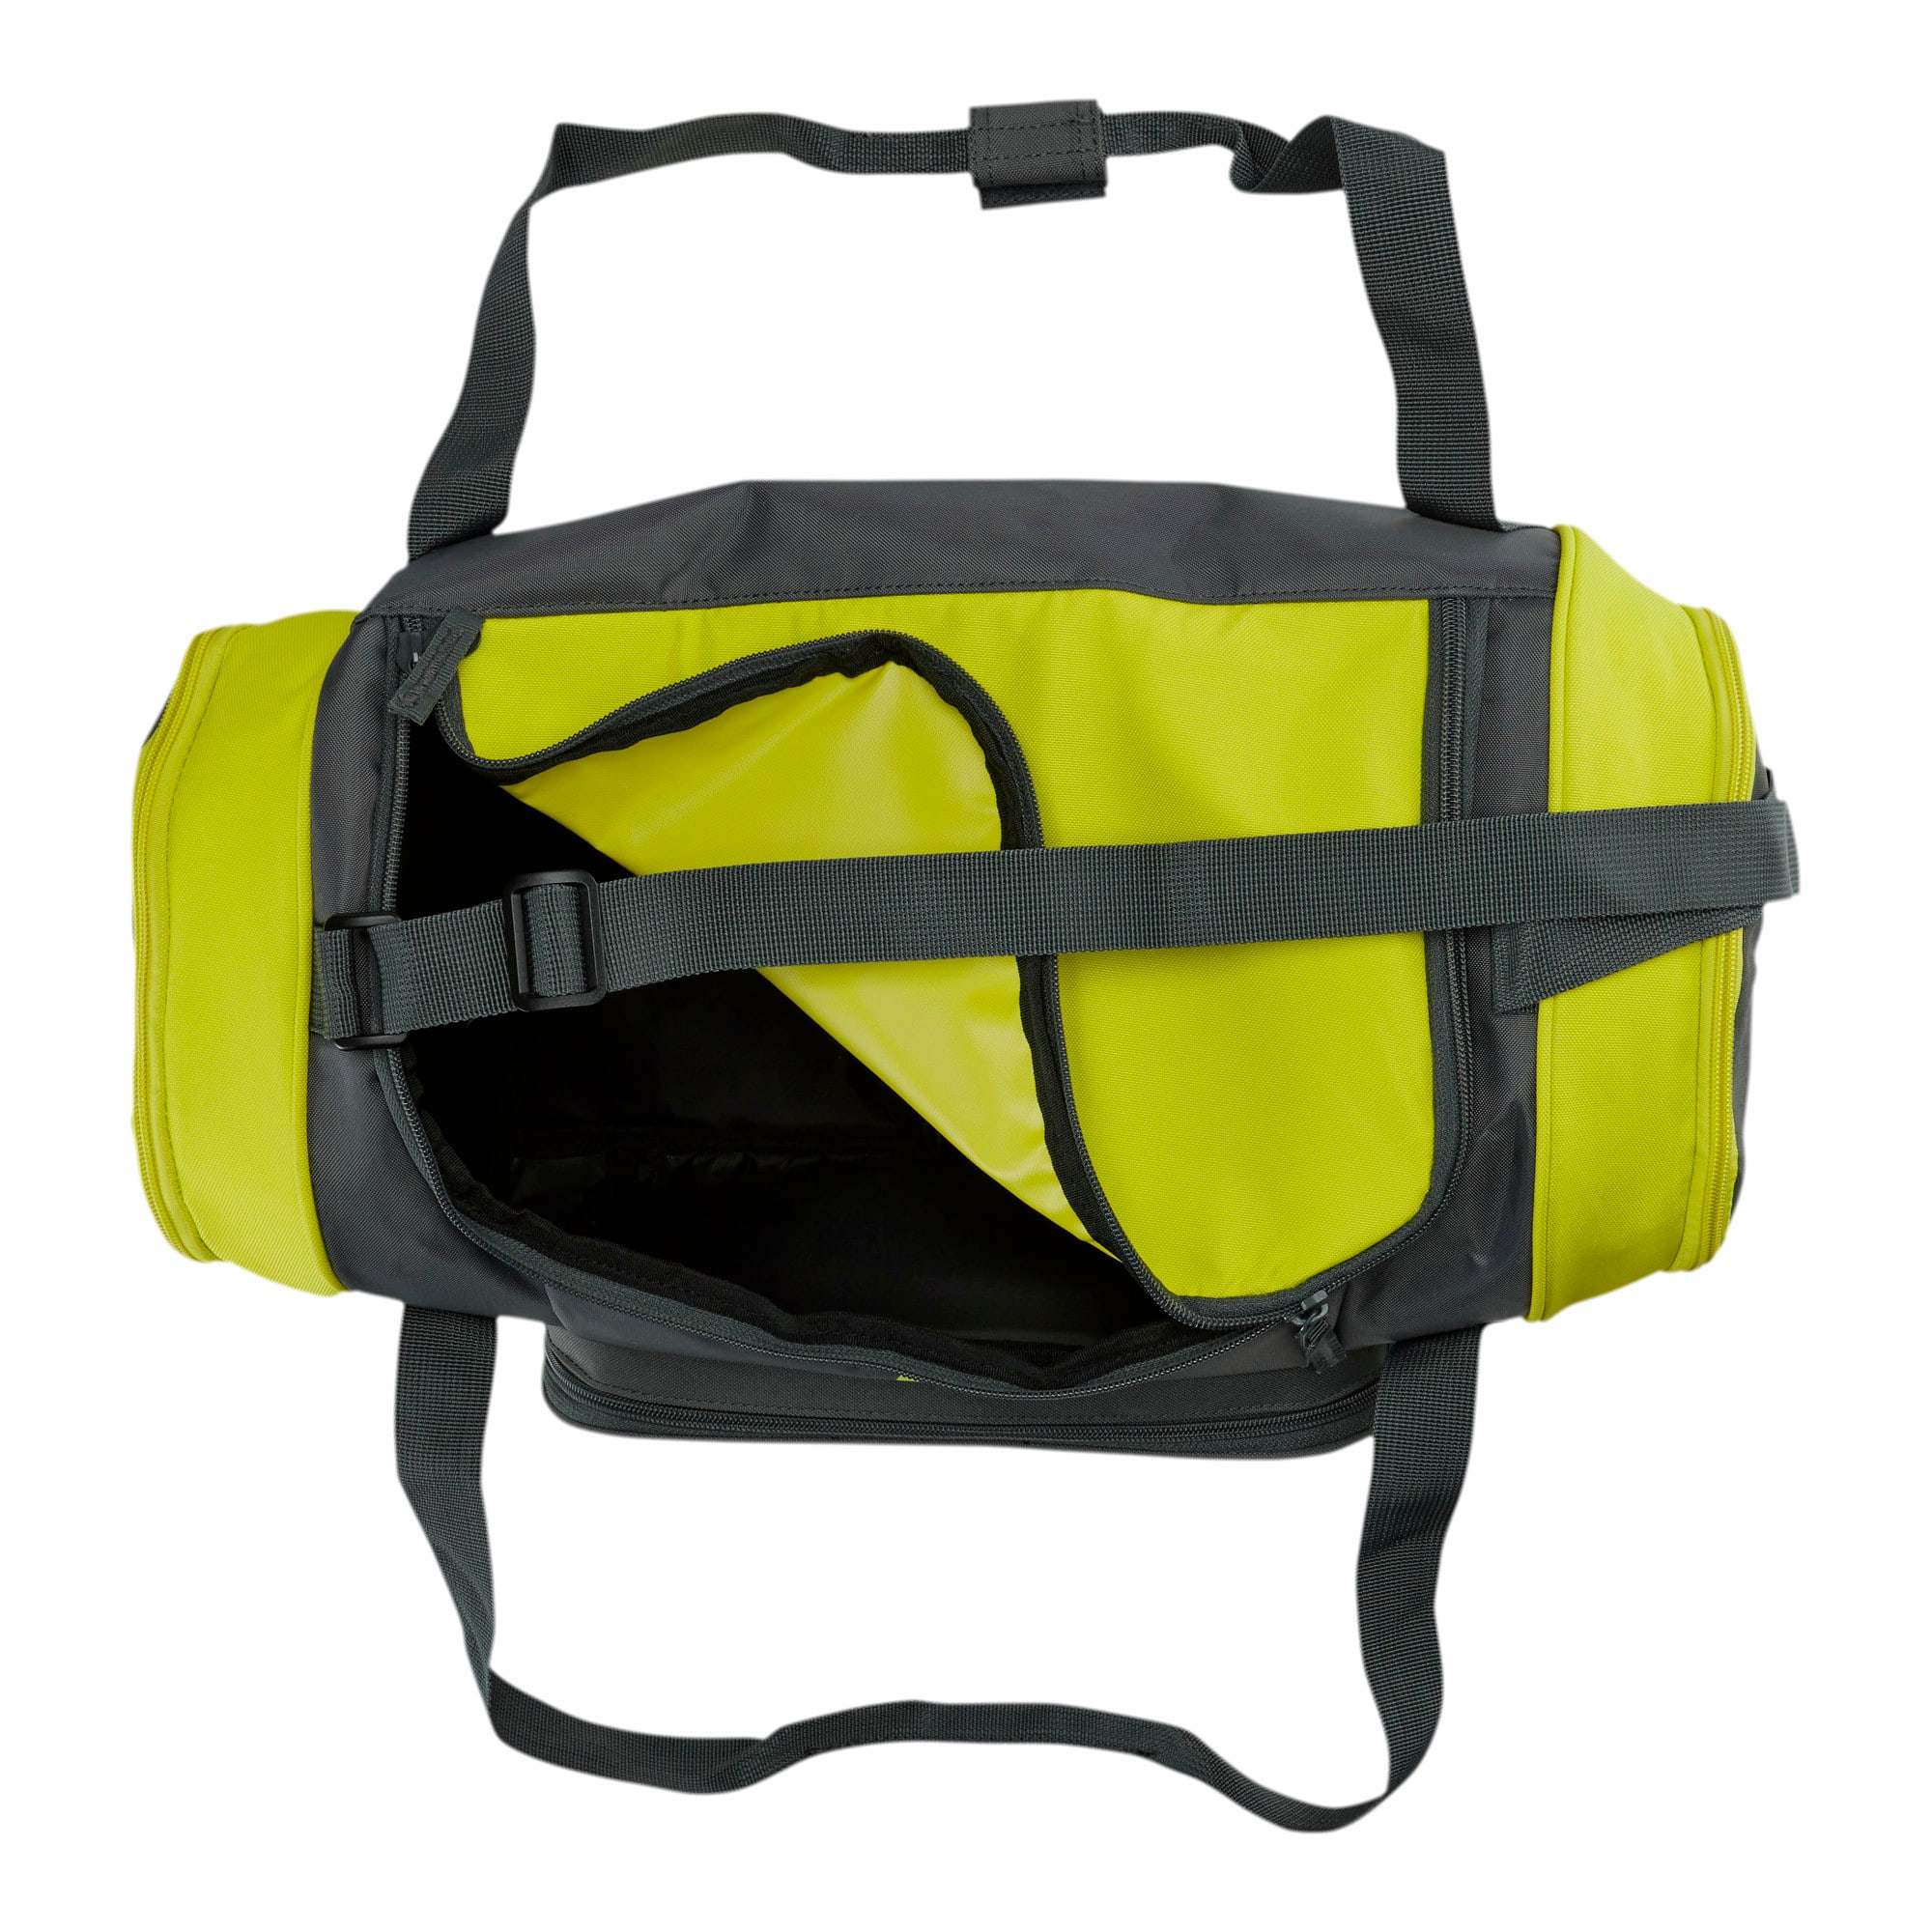 Thumbnail 3 of ProCat Duffel Bag, GREY/GREEN, medium